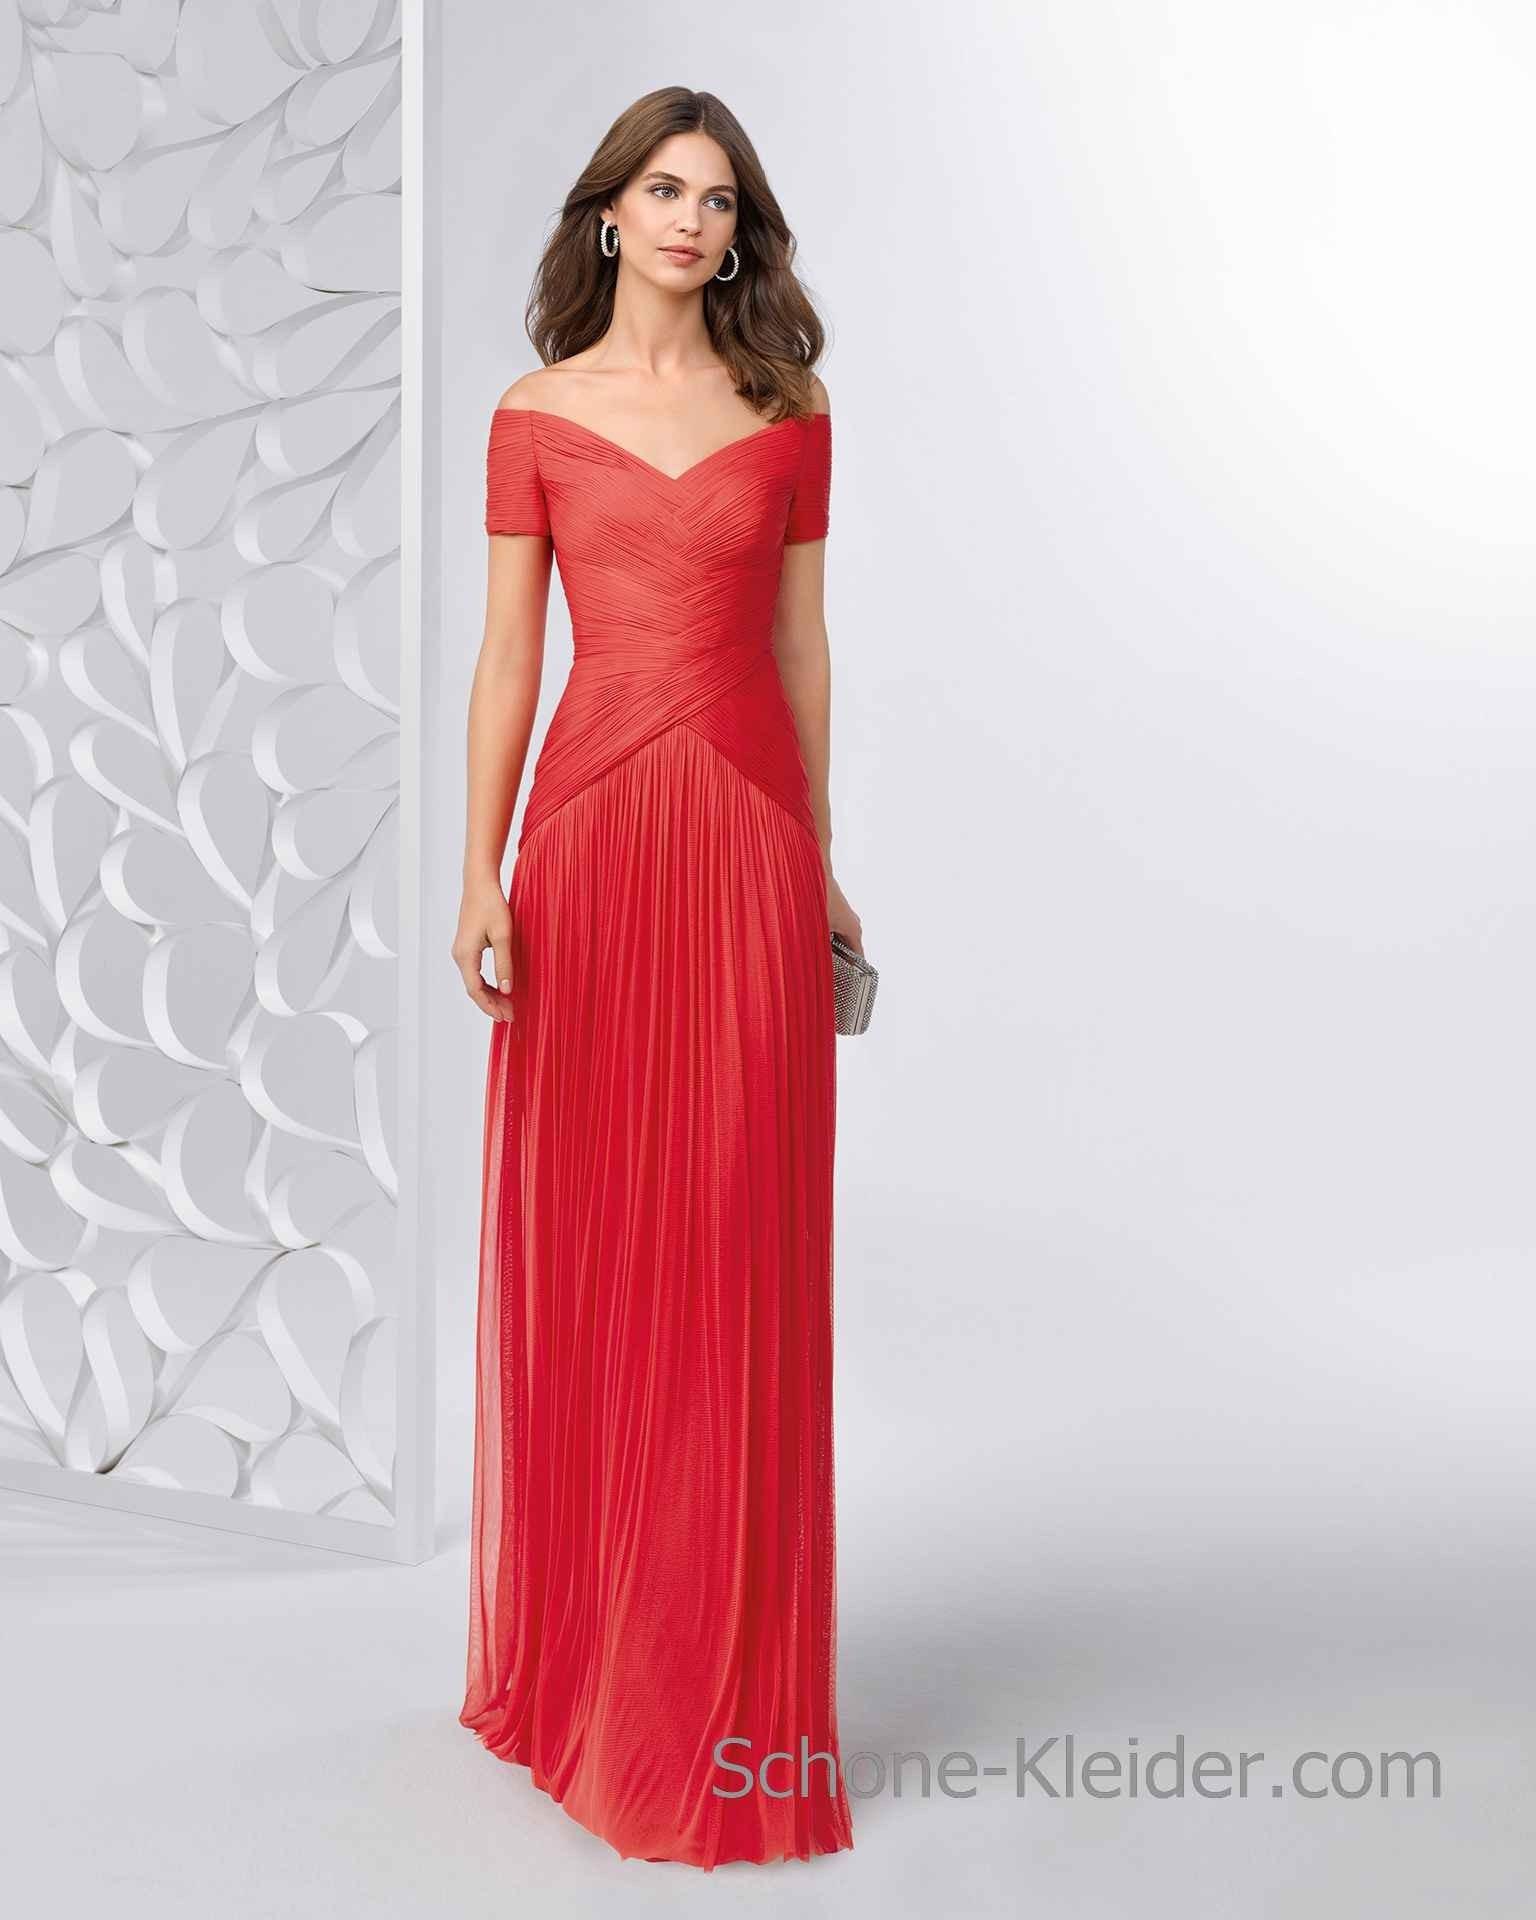 10 Schön Abendkleid Für Kleine Frauen Bester Preis17 Großartig Abendkleid Für Kleine Frauen Boutique